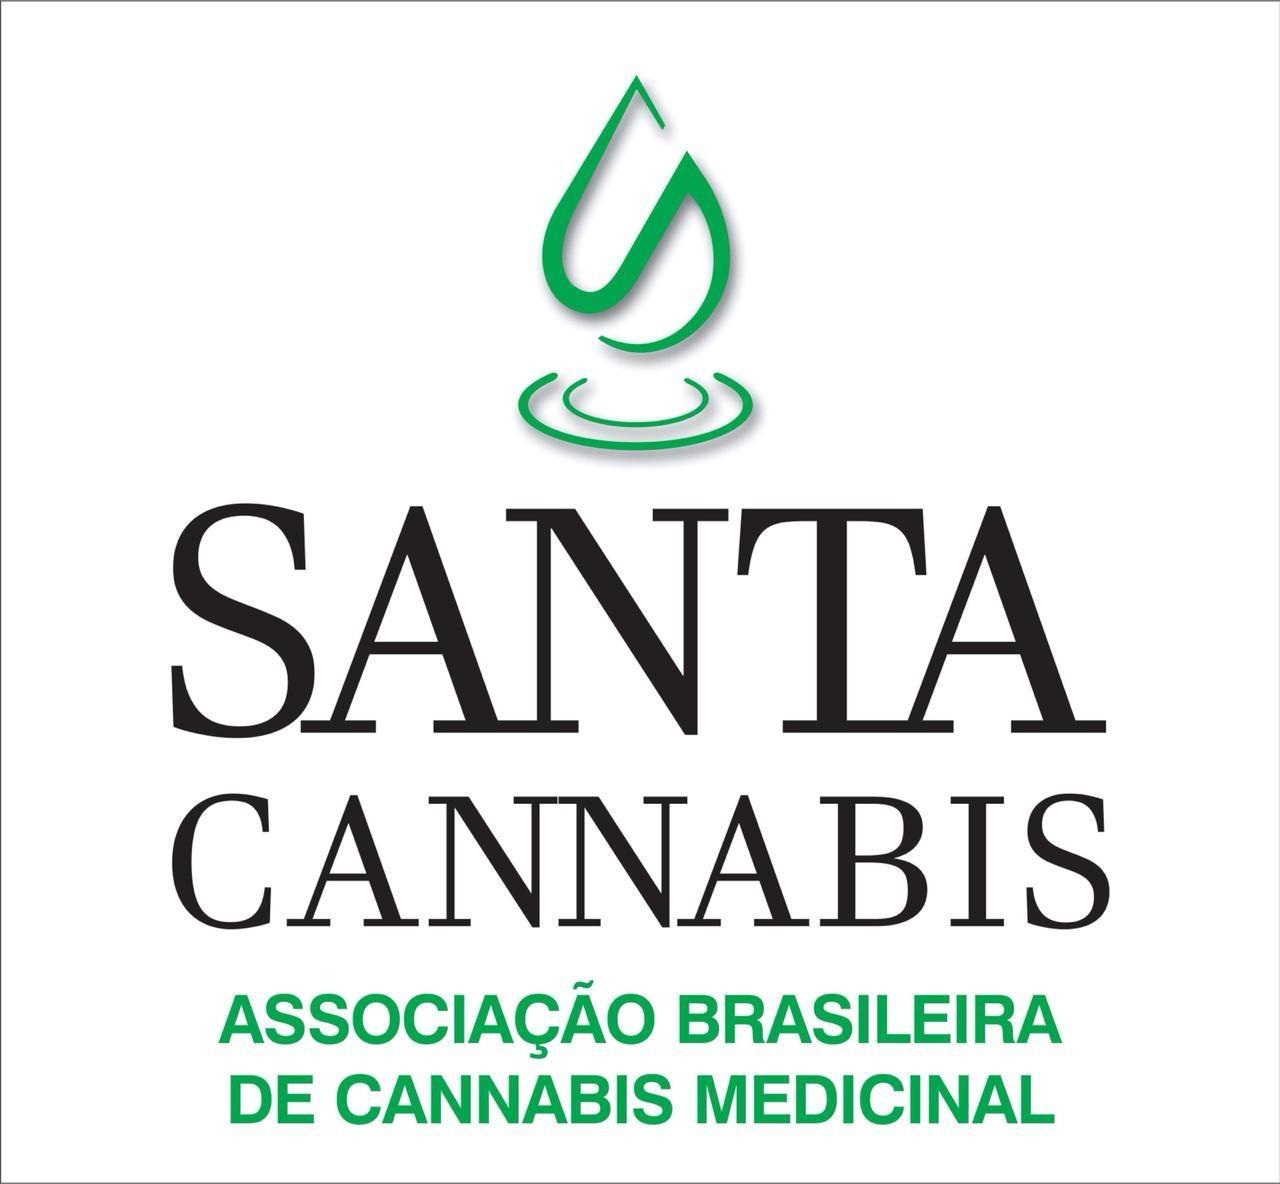 Associação Brasileira de Cannabis Medicinal